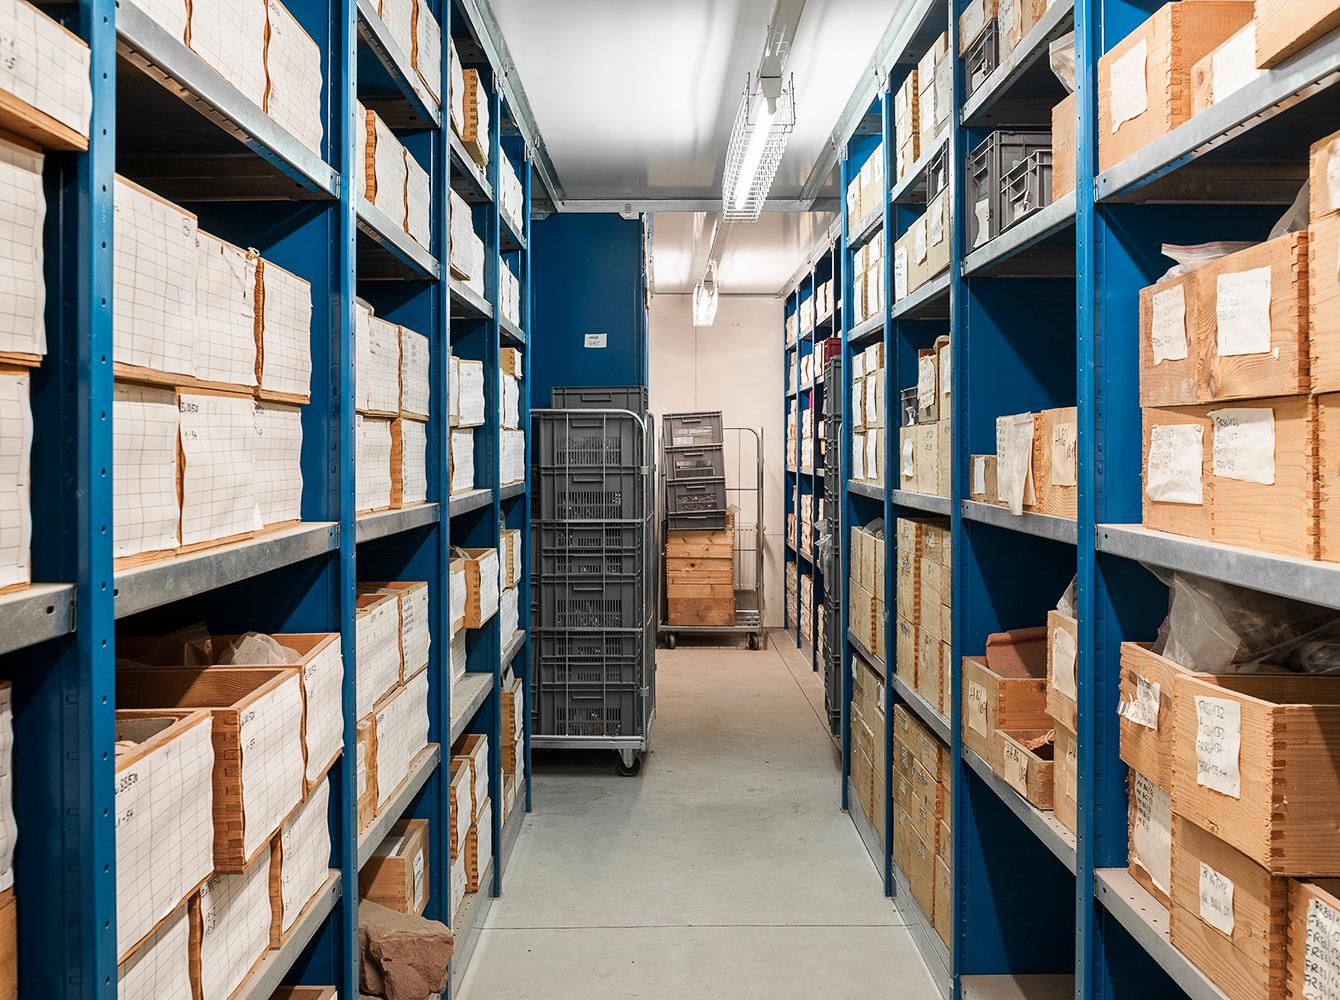 Archiv, Rheinisches Amt für Bodendenkmalpflege, Titz